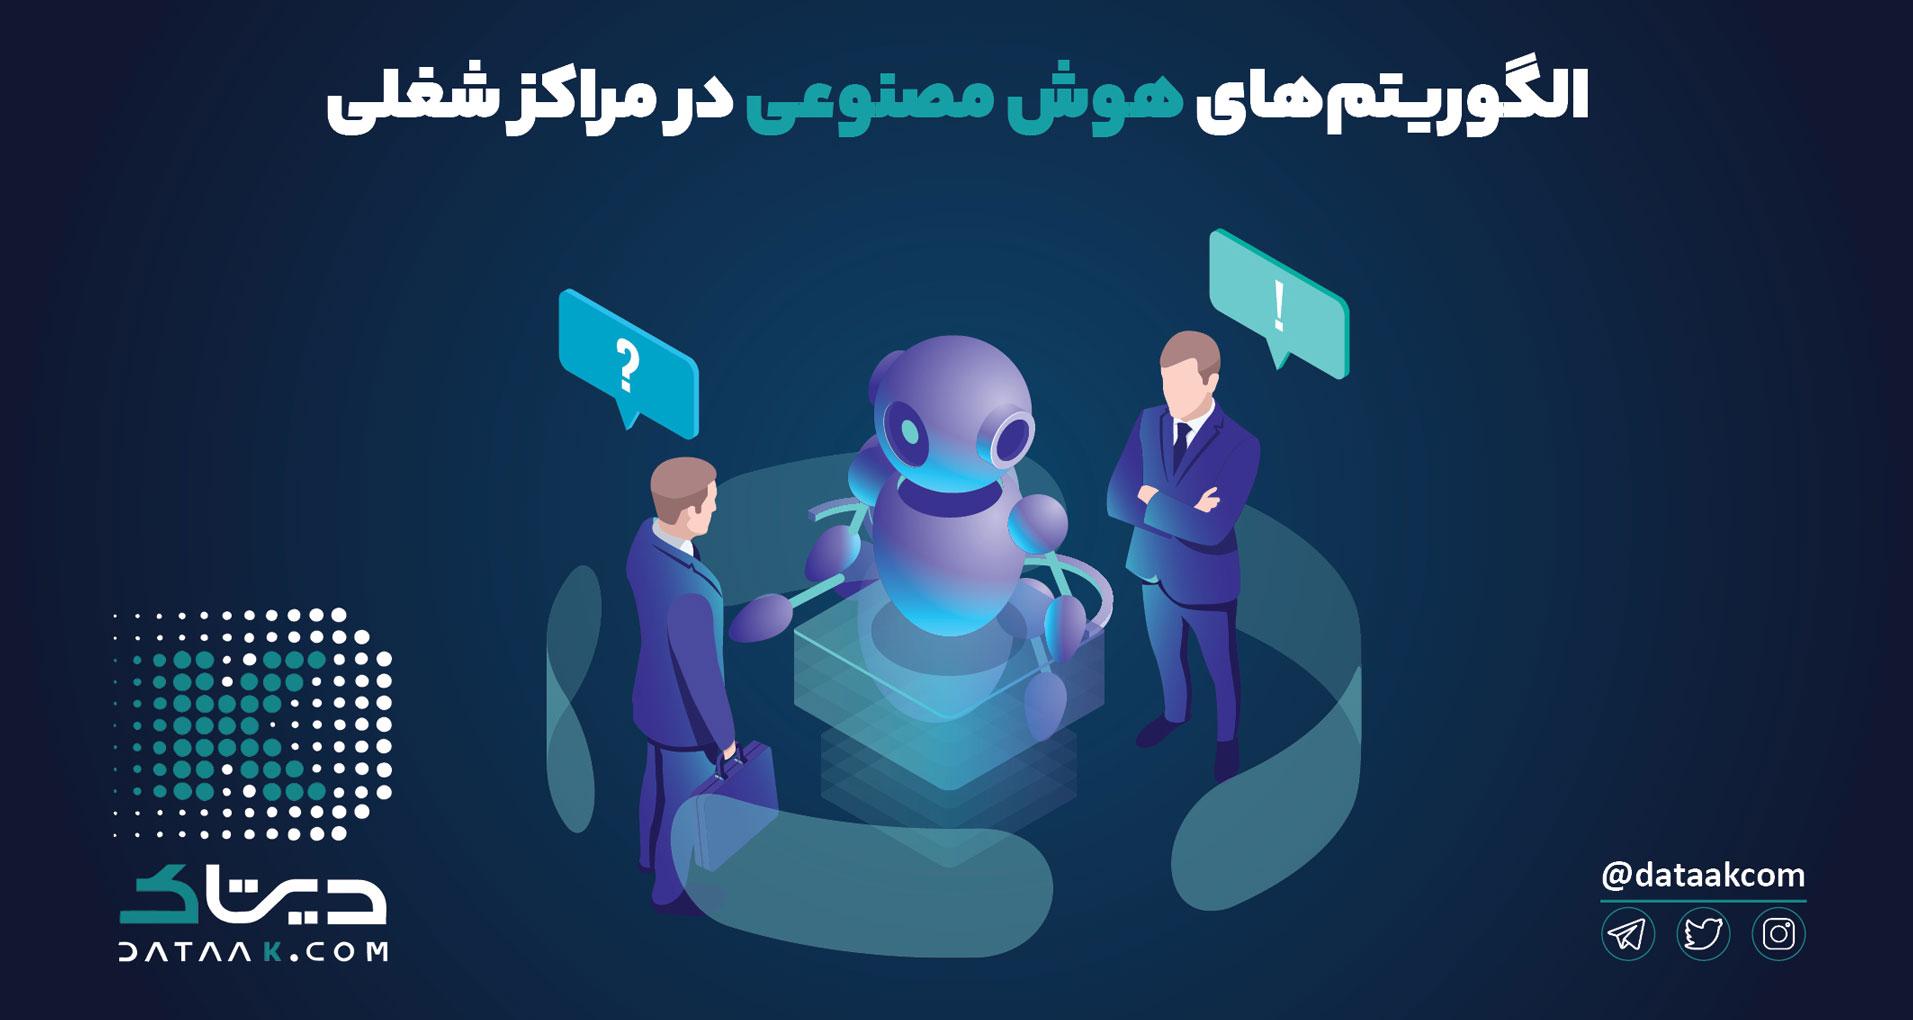 هوش مصنوعی در مراکز شغلی